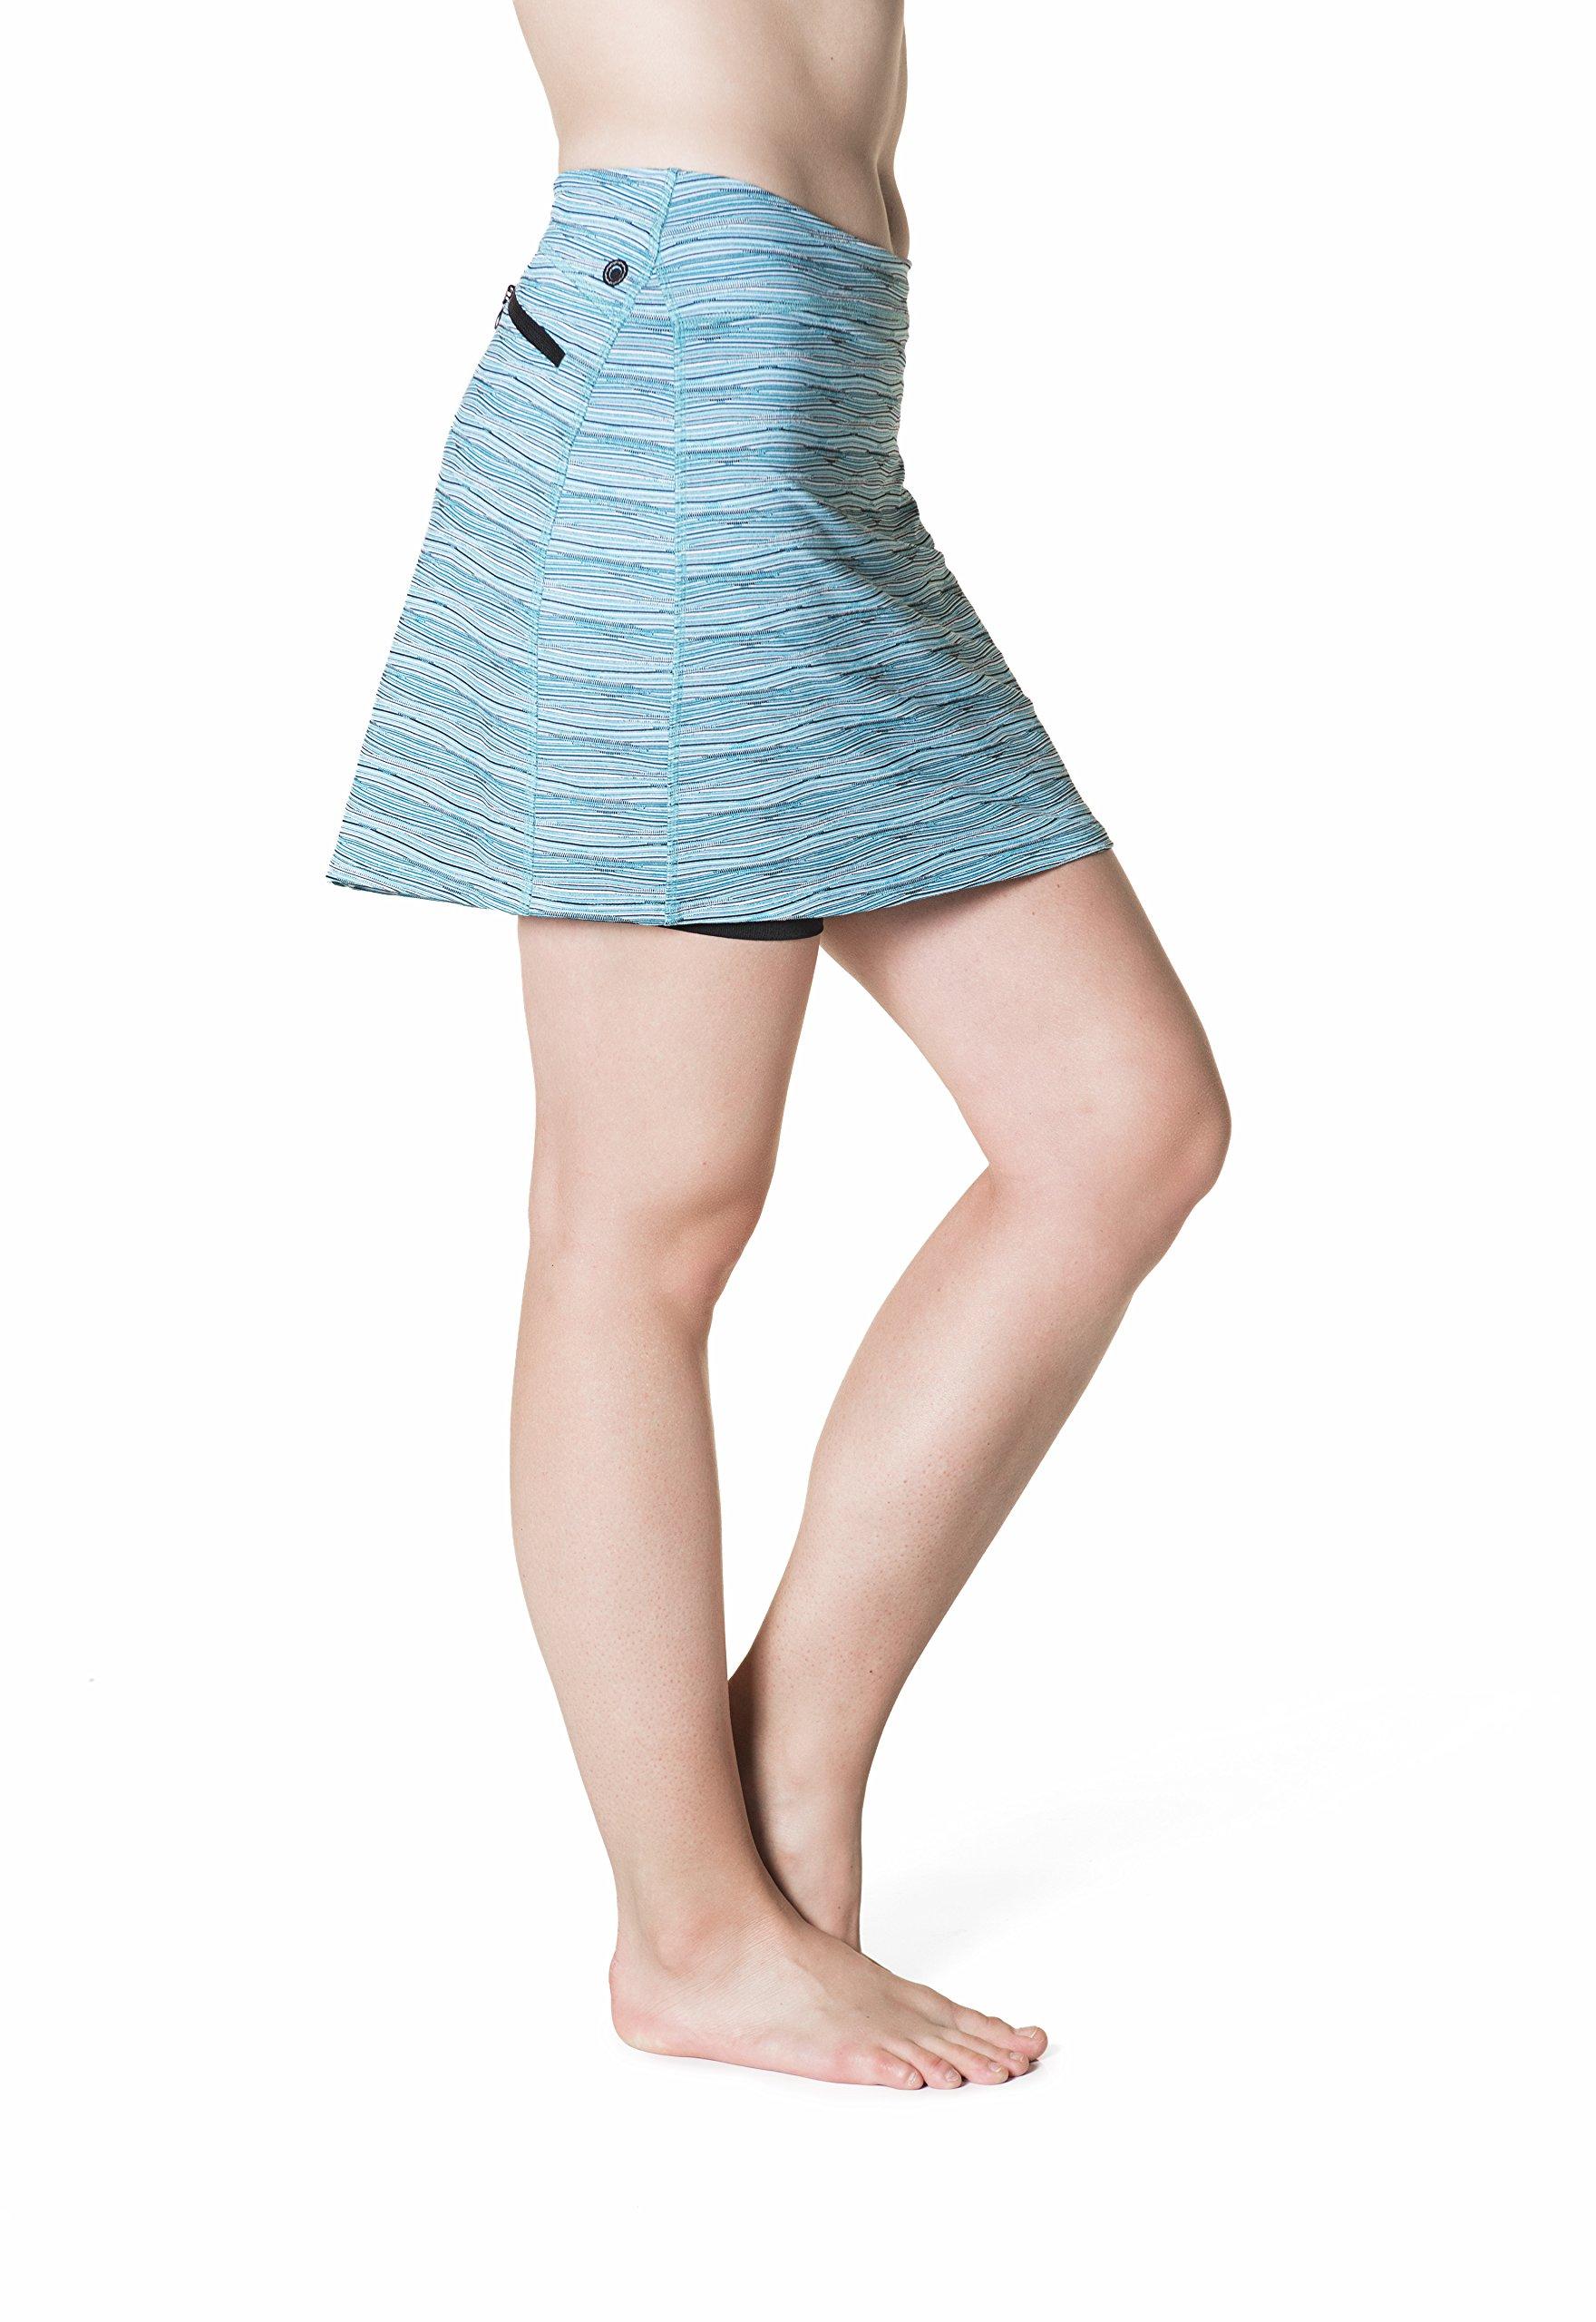 Skirt Sports Women's Happy Girl Skirt by Skirt Sports